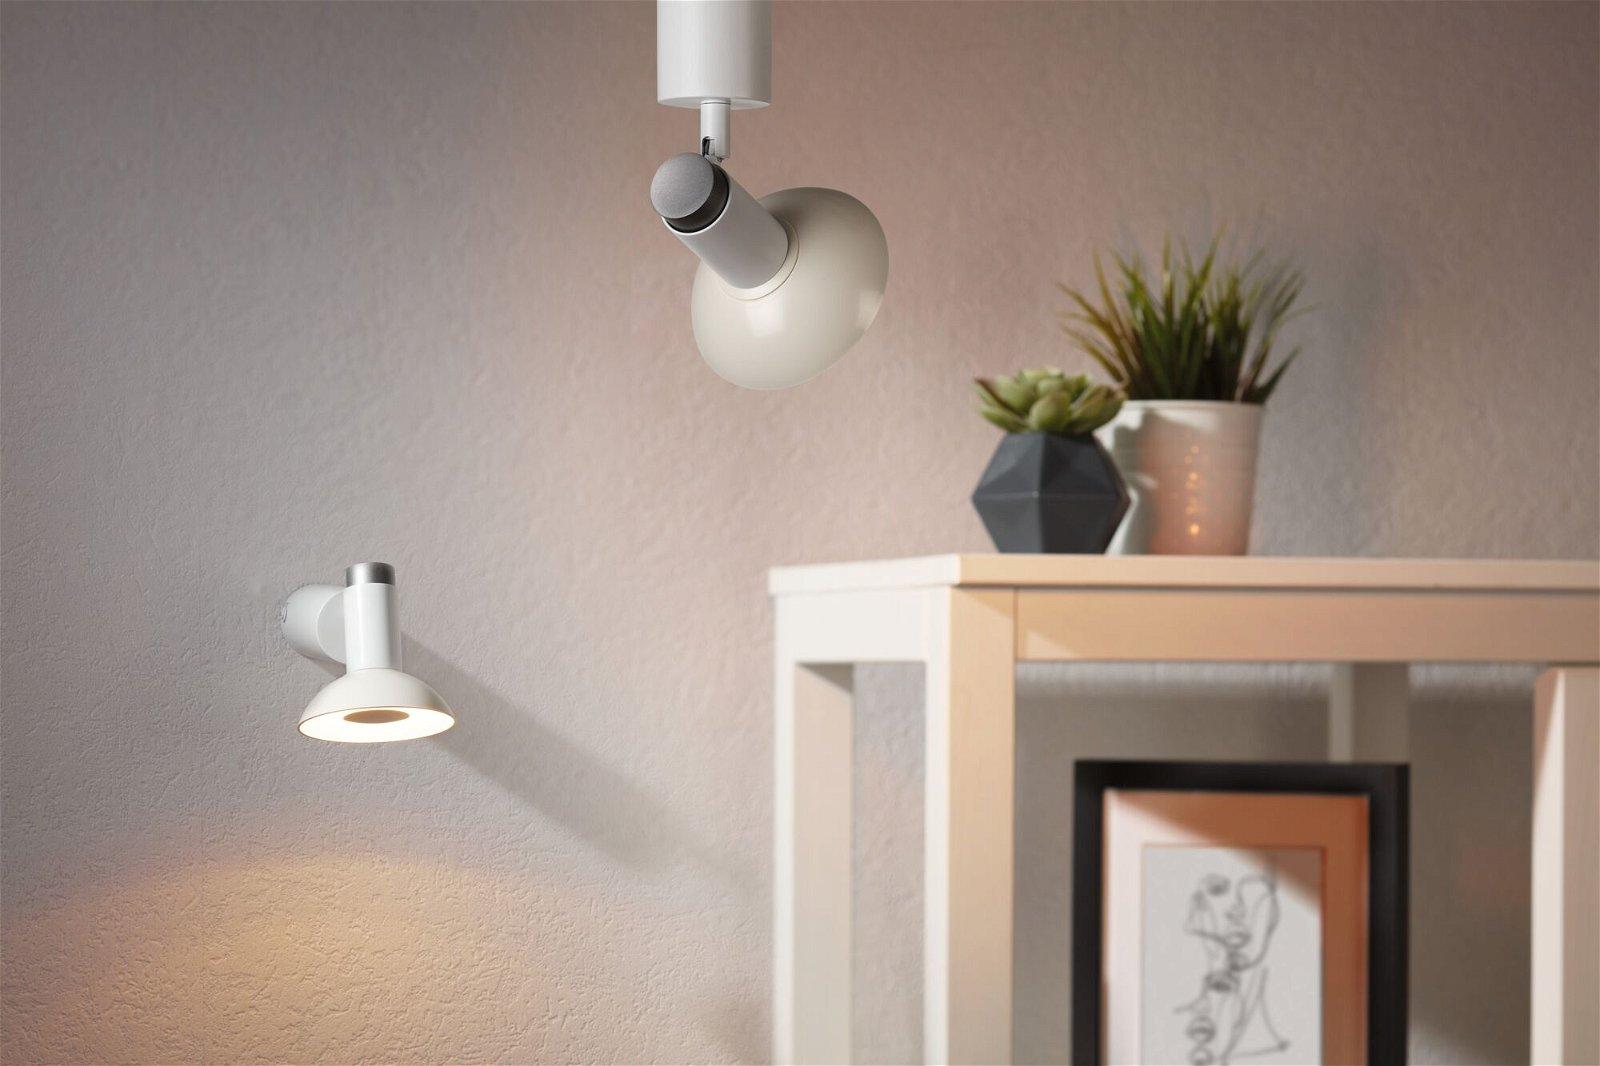 LED Reflektor GU10 230V 360lm 4,9W 3000K Silber/Weiß